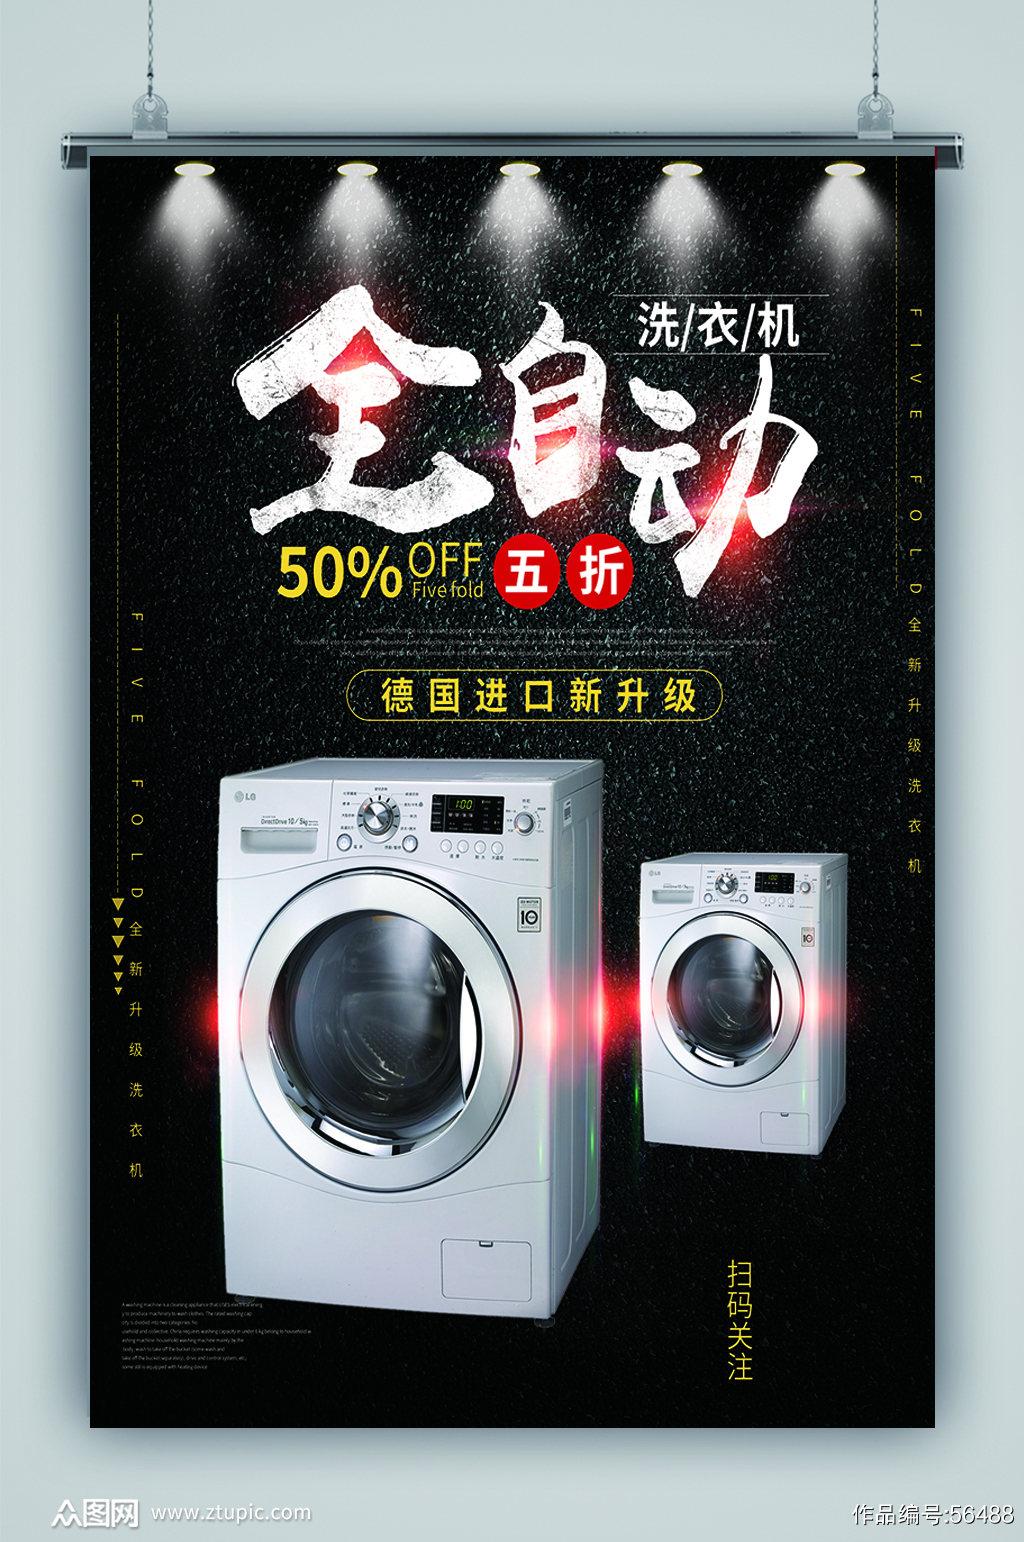 全自动多功能洗衣机海报素材